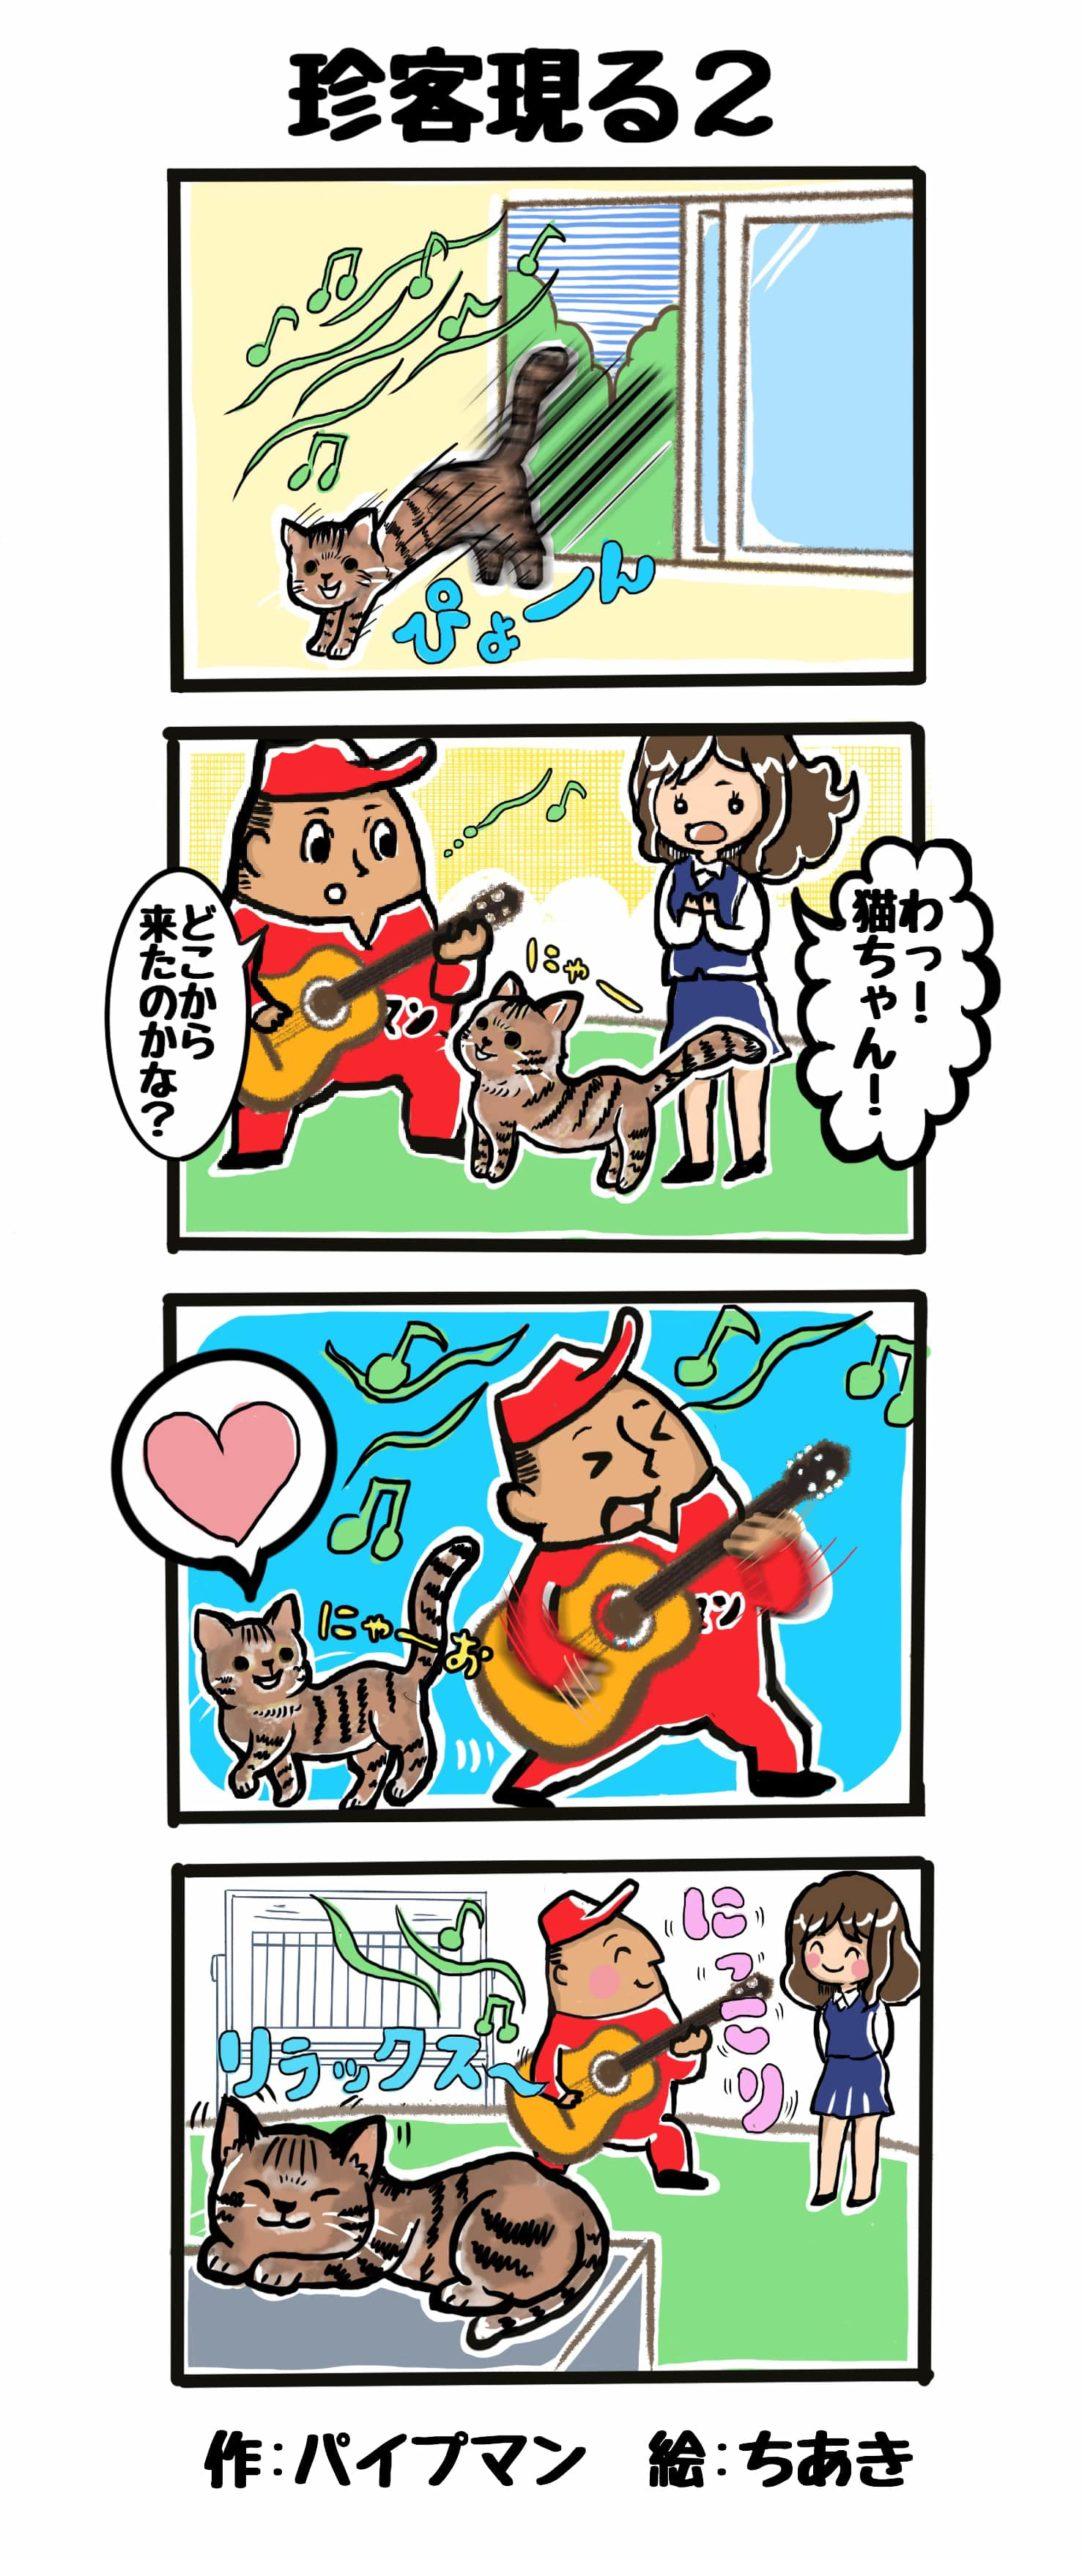 パイプマン漫画第18話